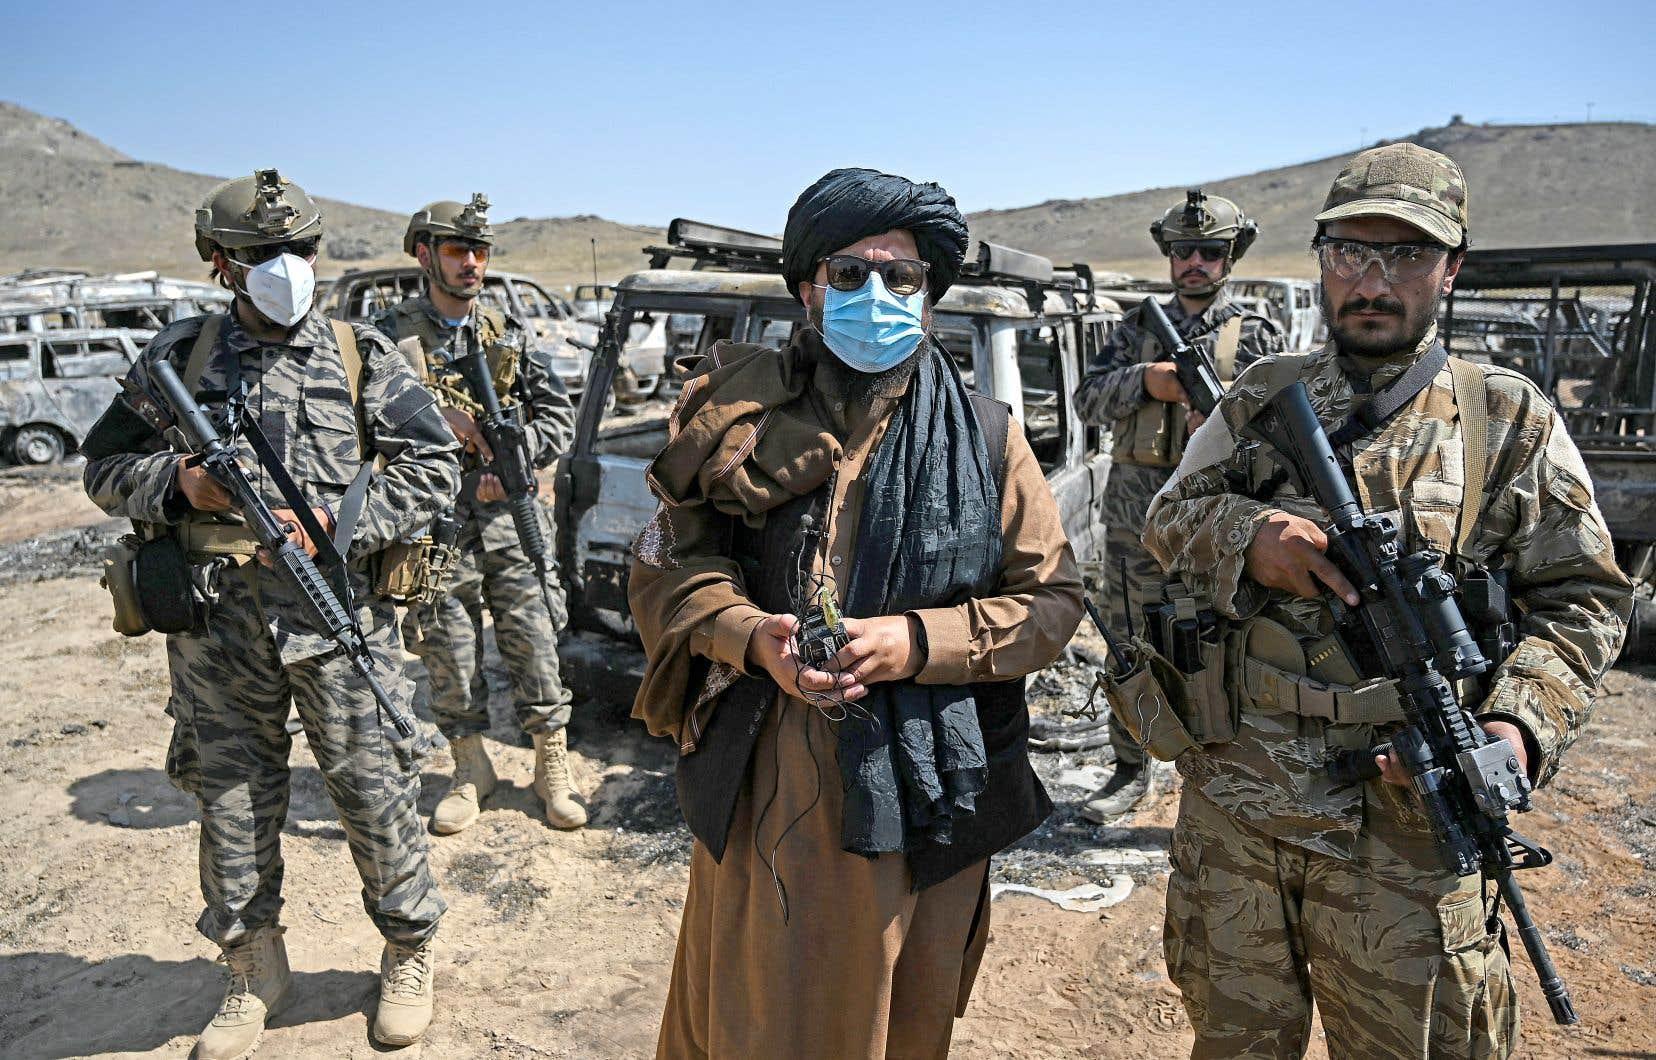 Revenus au pouvoir vingt ans après en avoir été chassés par une coalition emme-née par les États-Unis, les talibans sont attendus au tournant par la communauté internationale, qui les jugera sur leurs actes. Sur la photo, des membres de la Badri 313, l'unité d'élite des talibans.